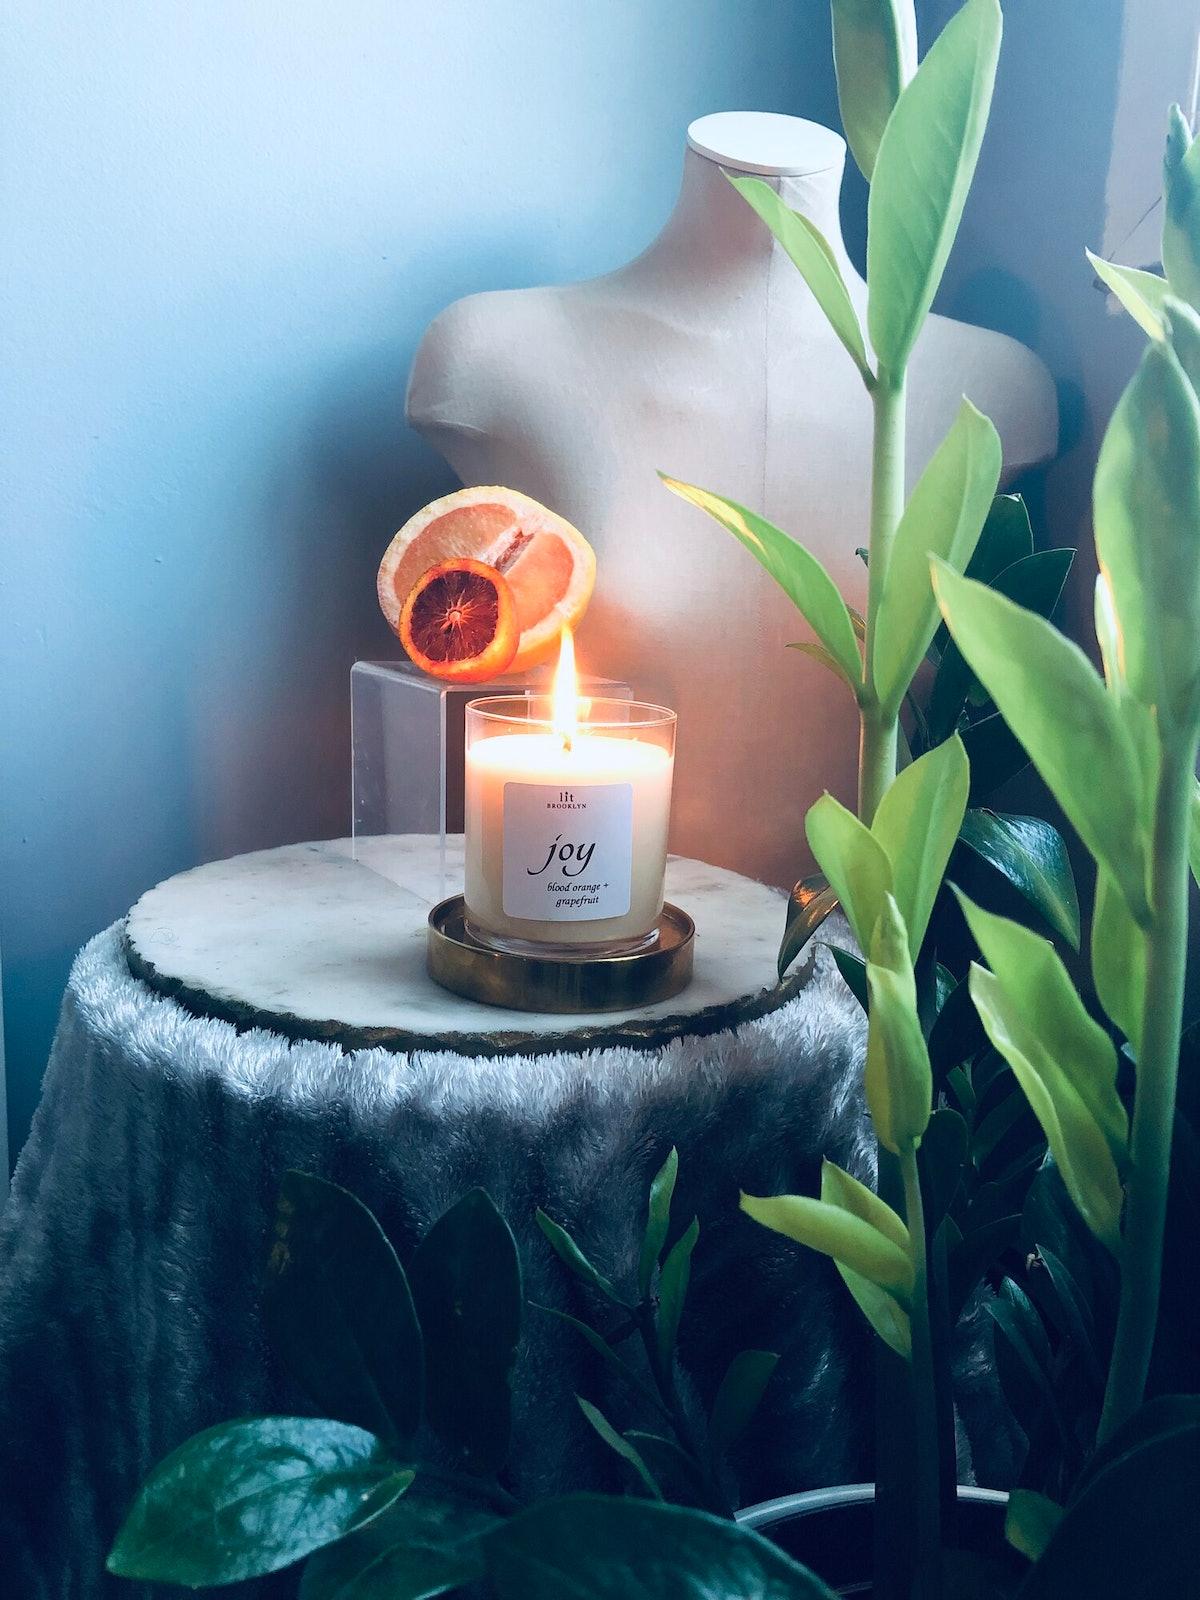 Joy Candle